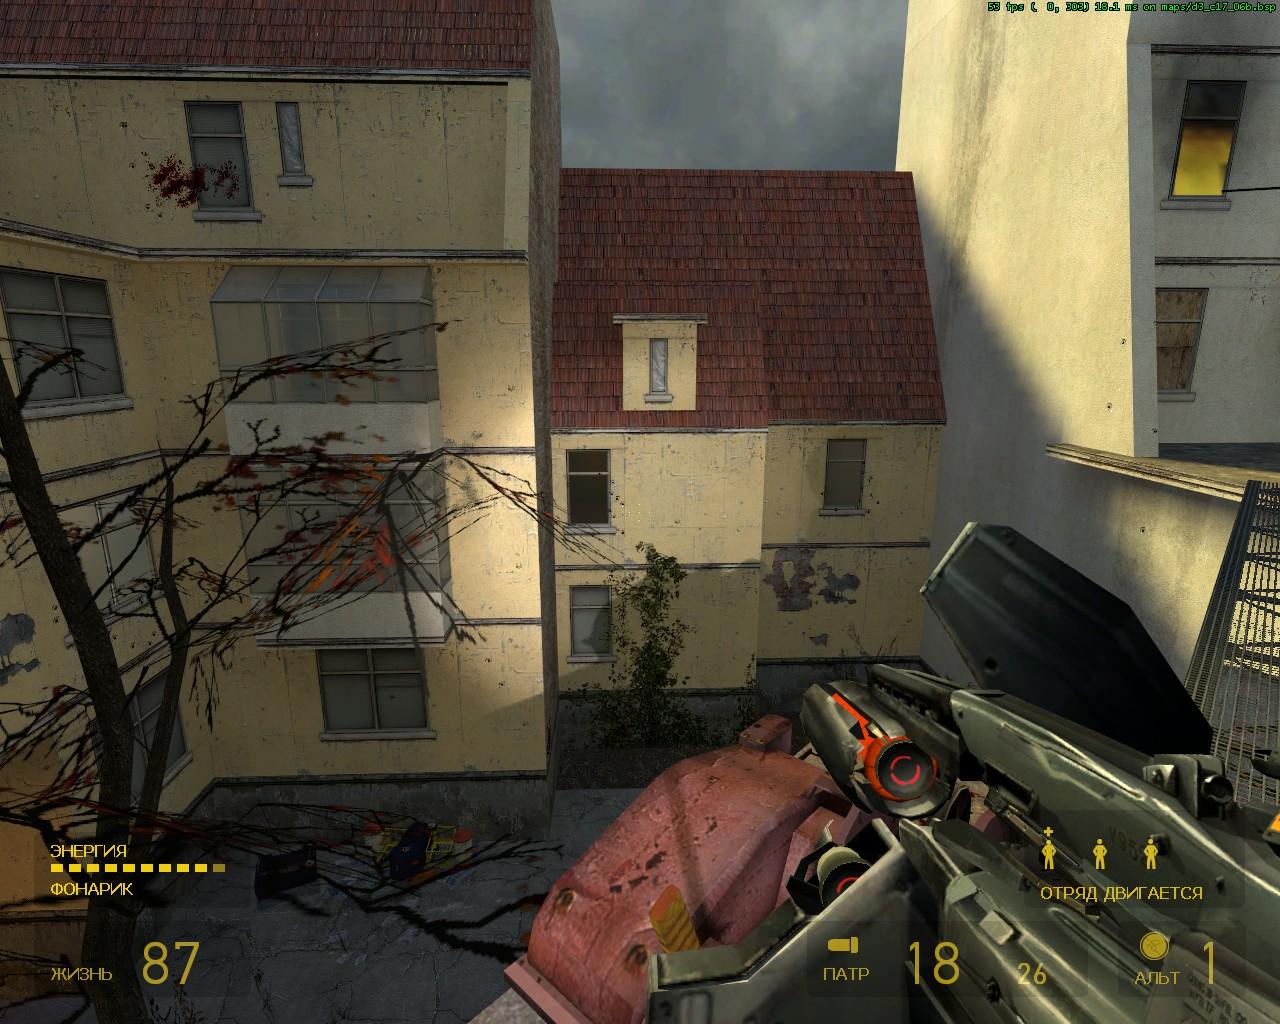 d3_c17_06b0002.jpg - Half-Life 2